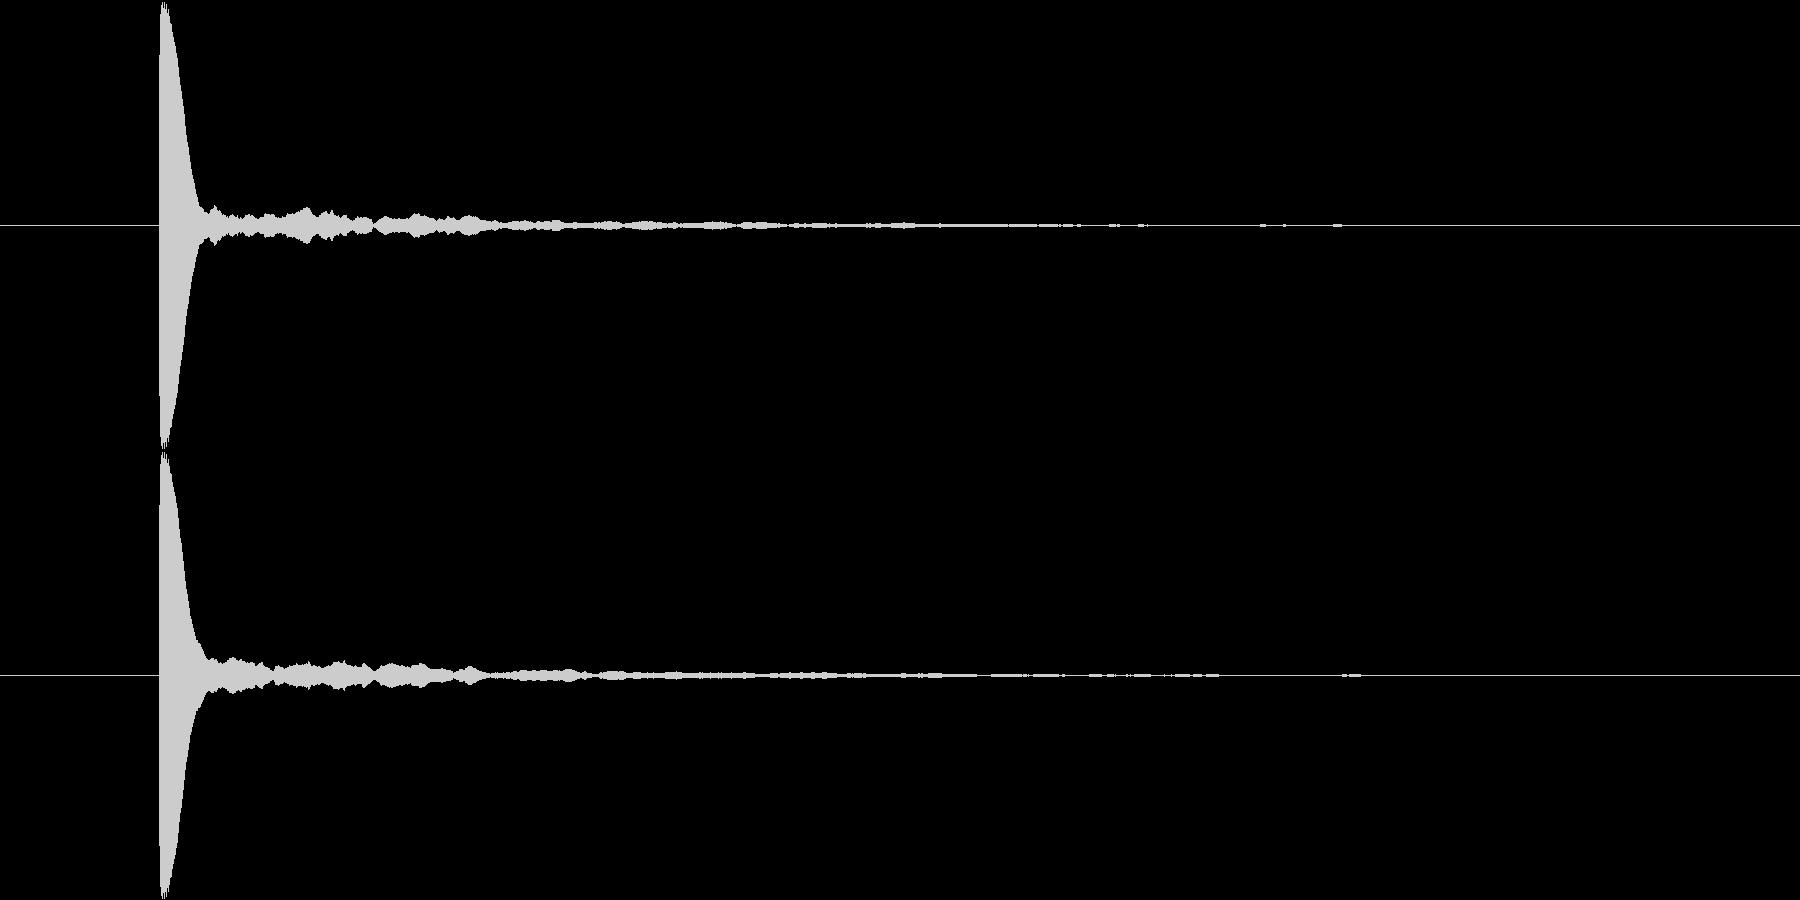 パーン テロップ音 シンプル SEの未再生の波形